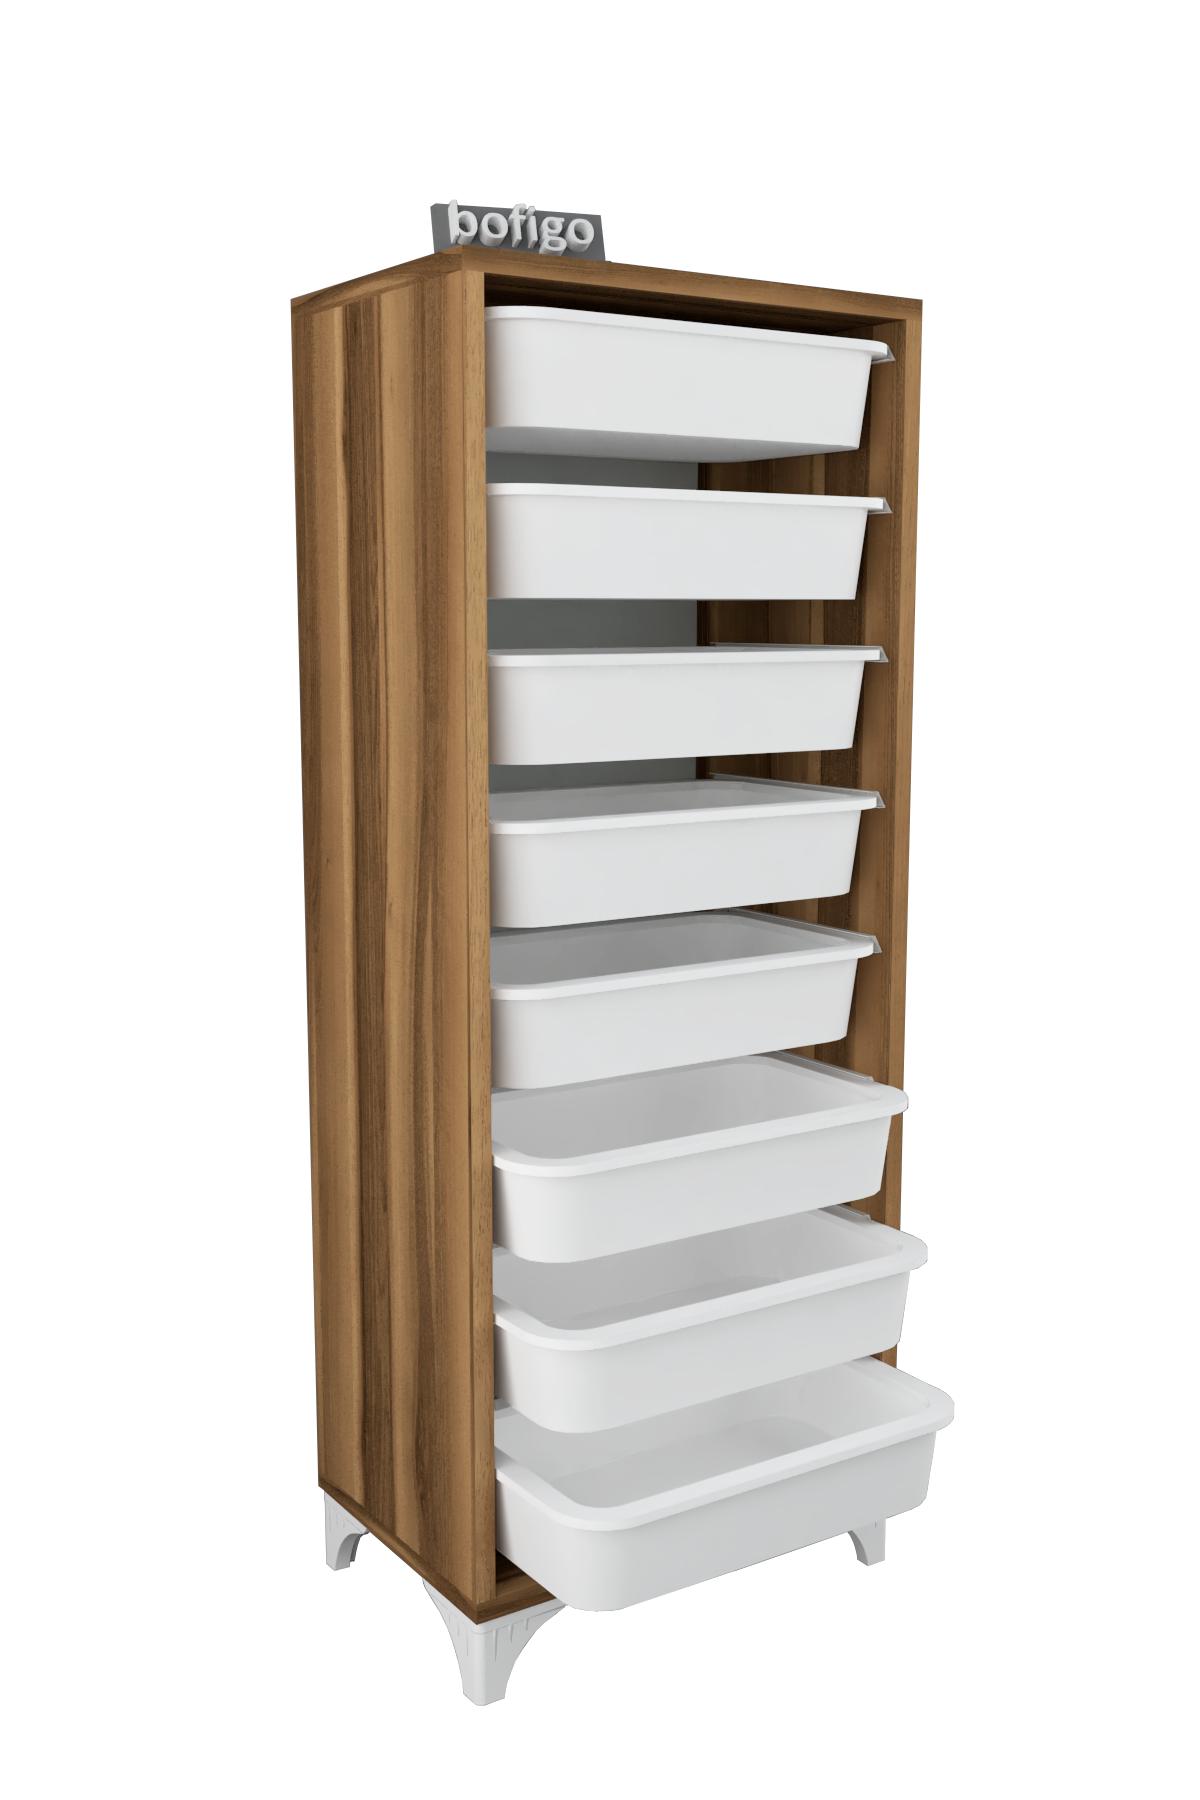 Bofigo 8 Basket Kitchen Cabinet Multi-Purpose Cupboard Crisper Walnut